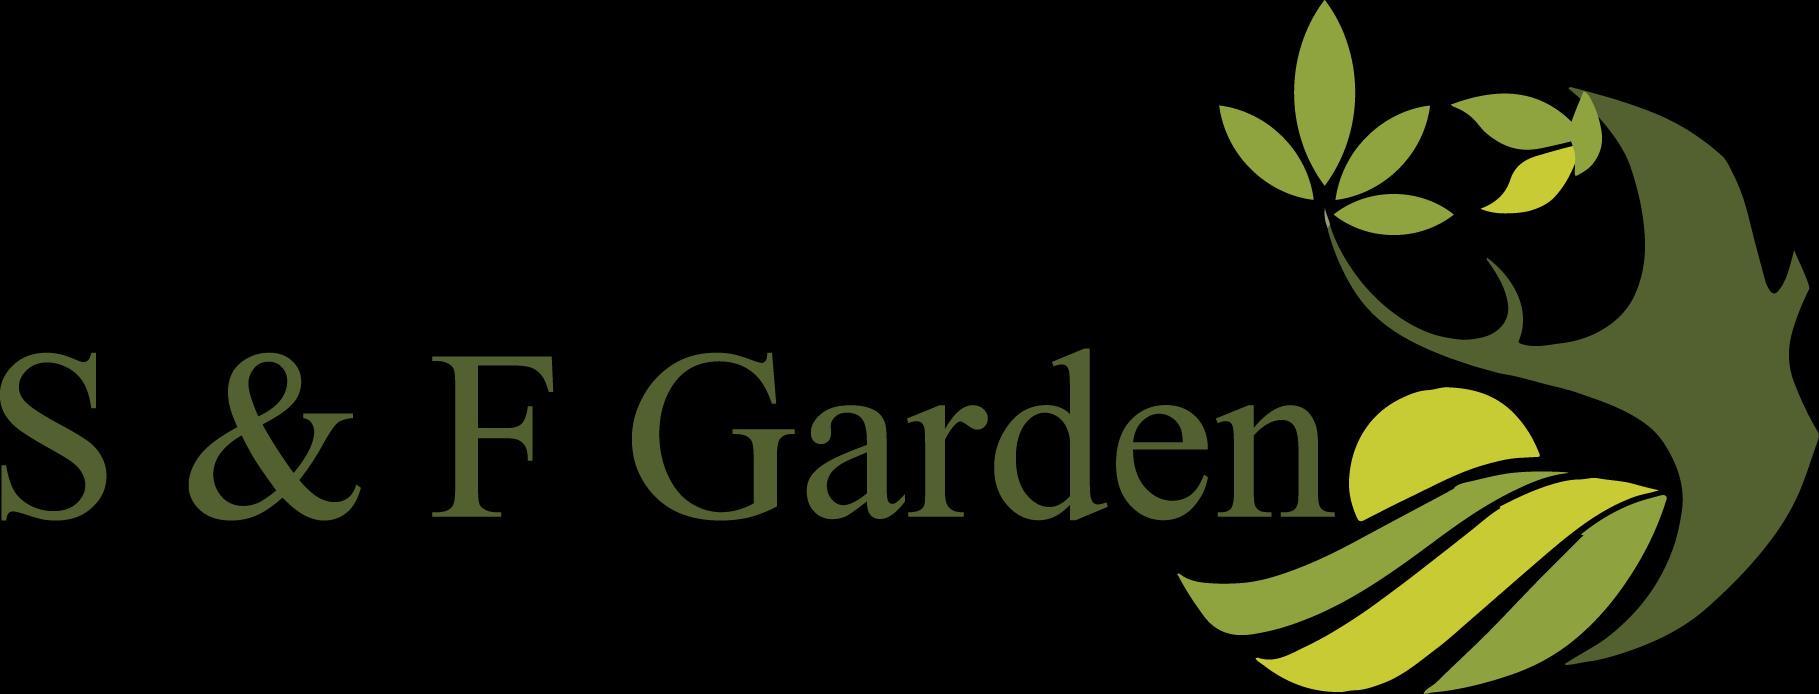 S&F Garden